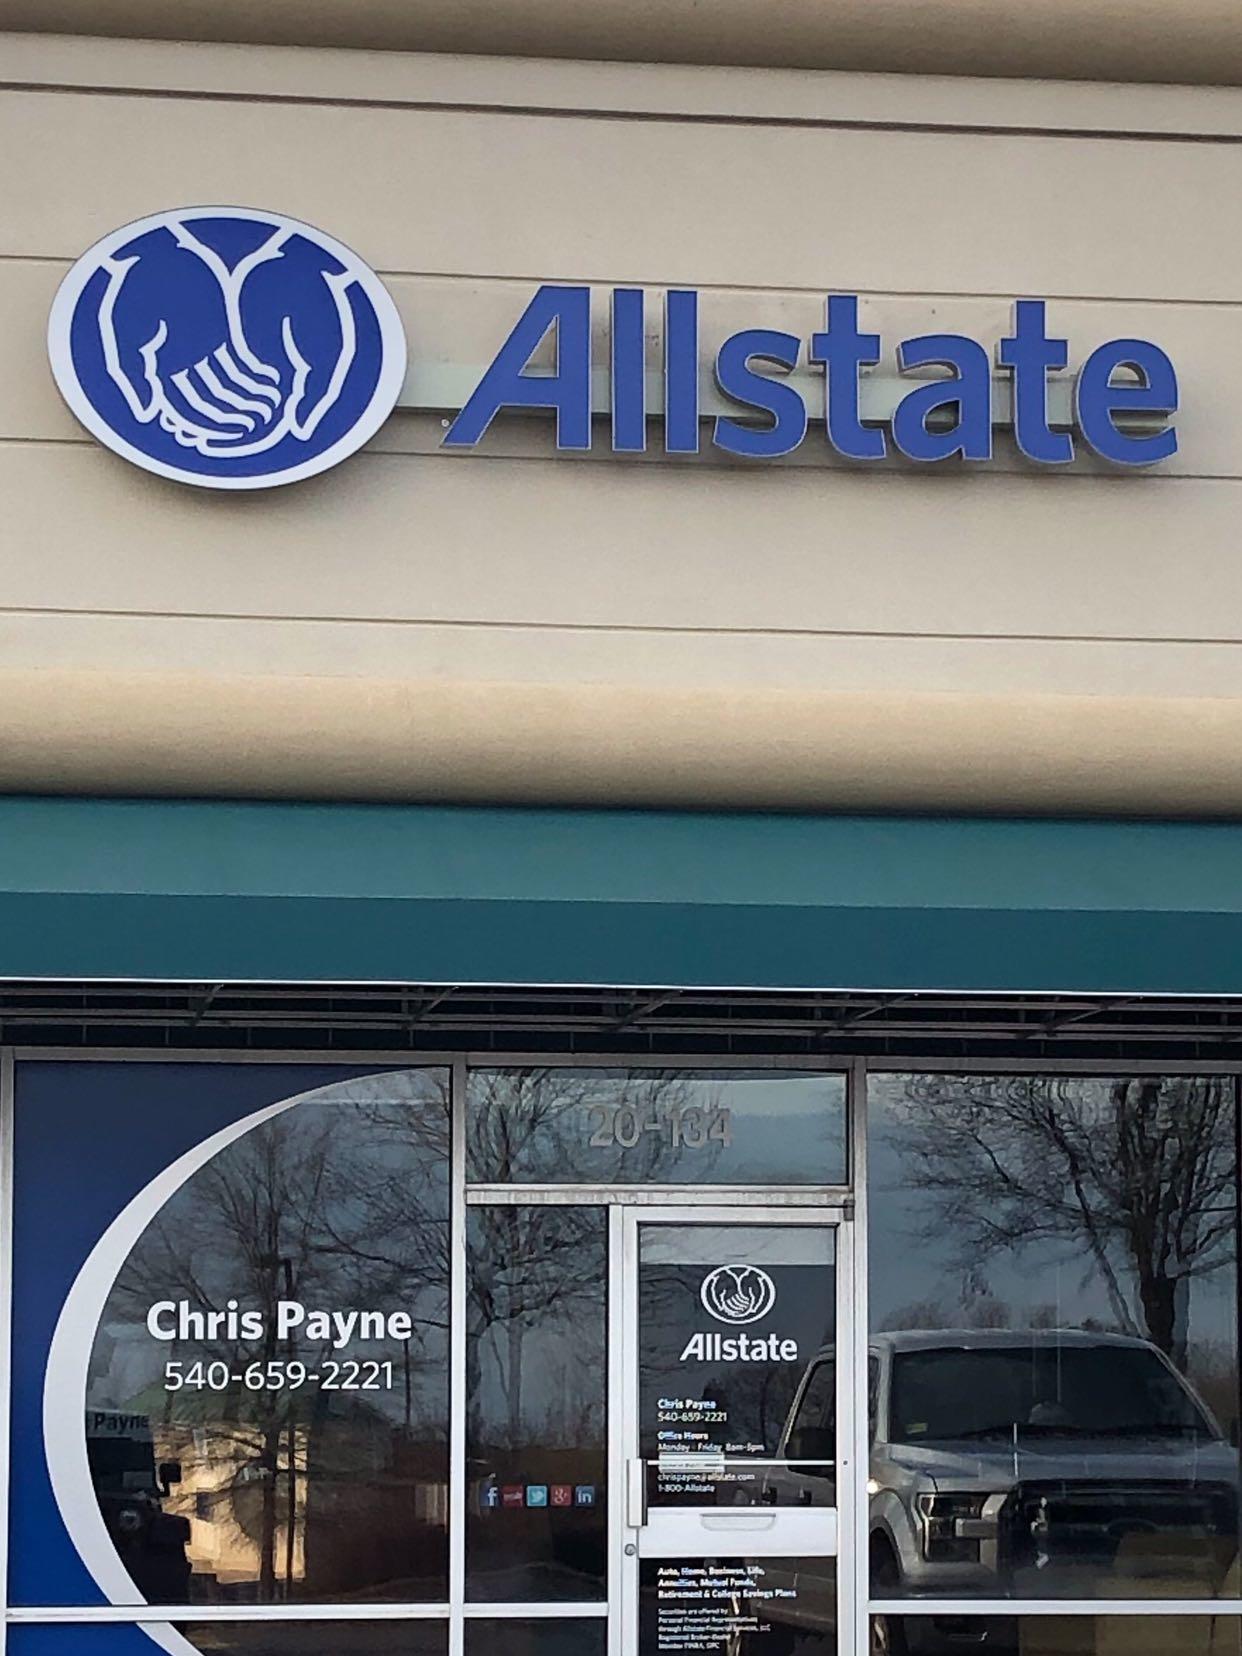 Chris Payne: Allstate Insurance image 5